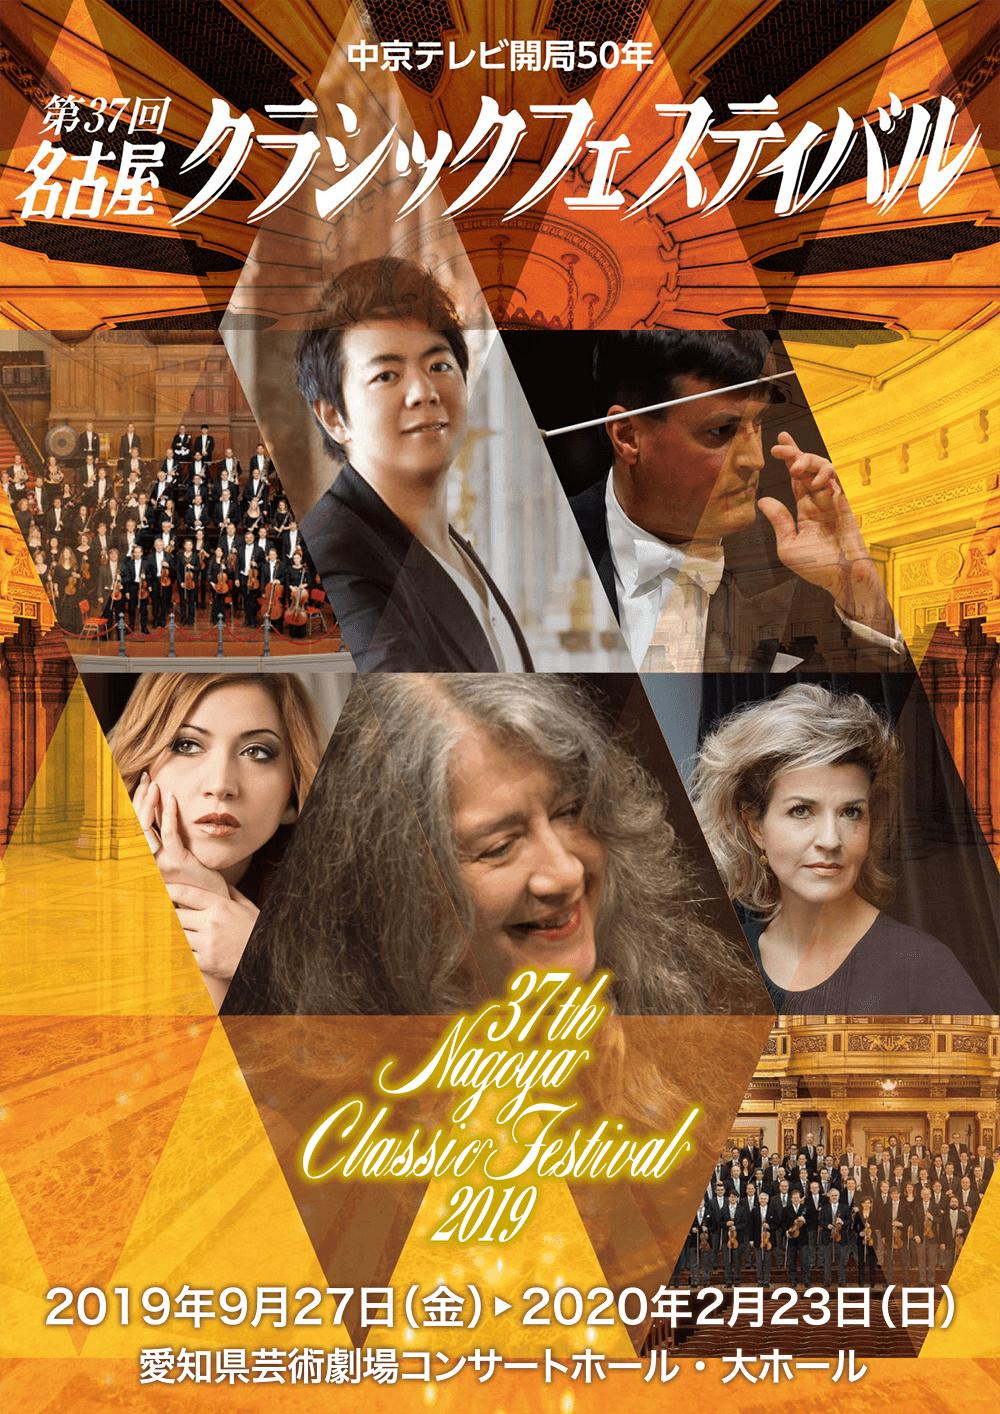 第37回 名古屋クラシックフェスティバル